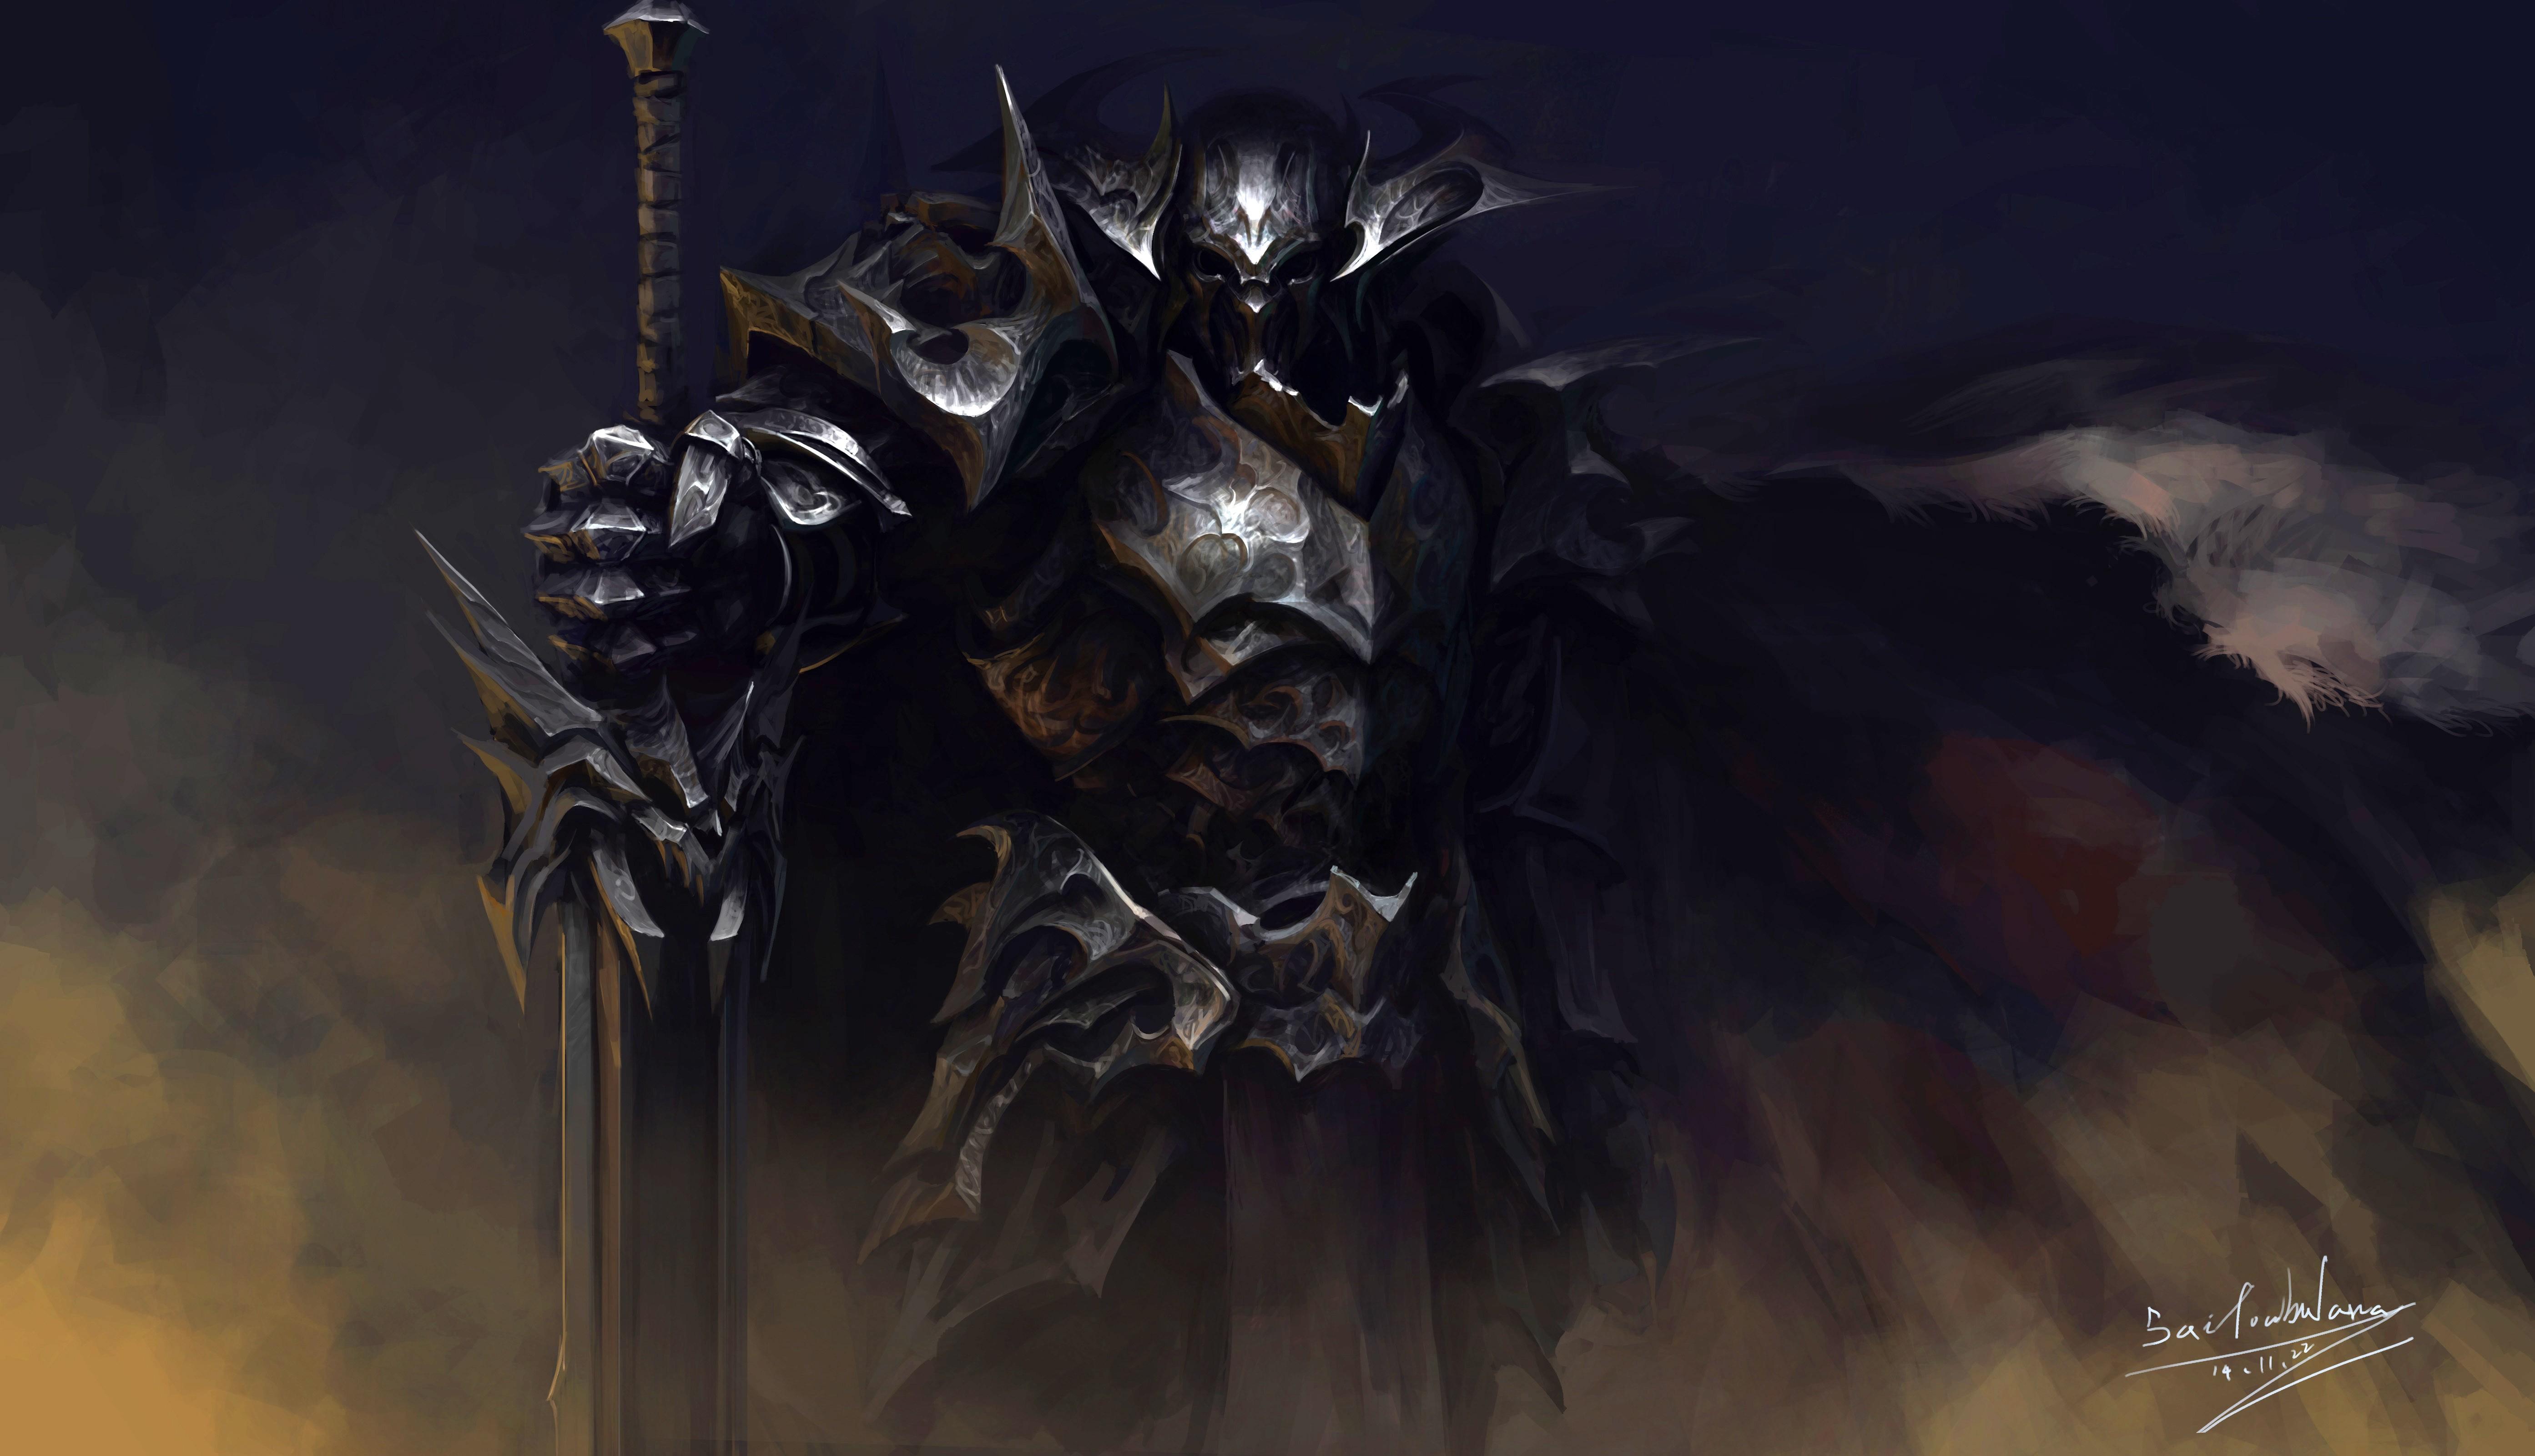 Fond d'écran : Art fantastique, Chevalier, Fond sombre, armure, mythologie, obscurité, capture d ...